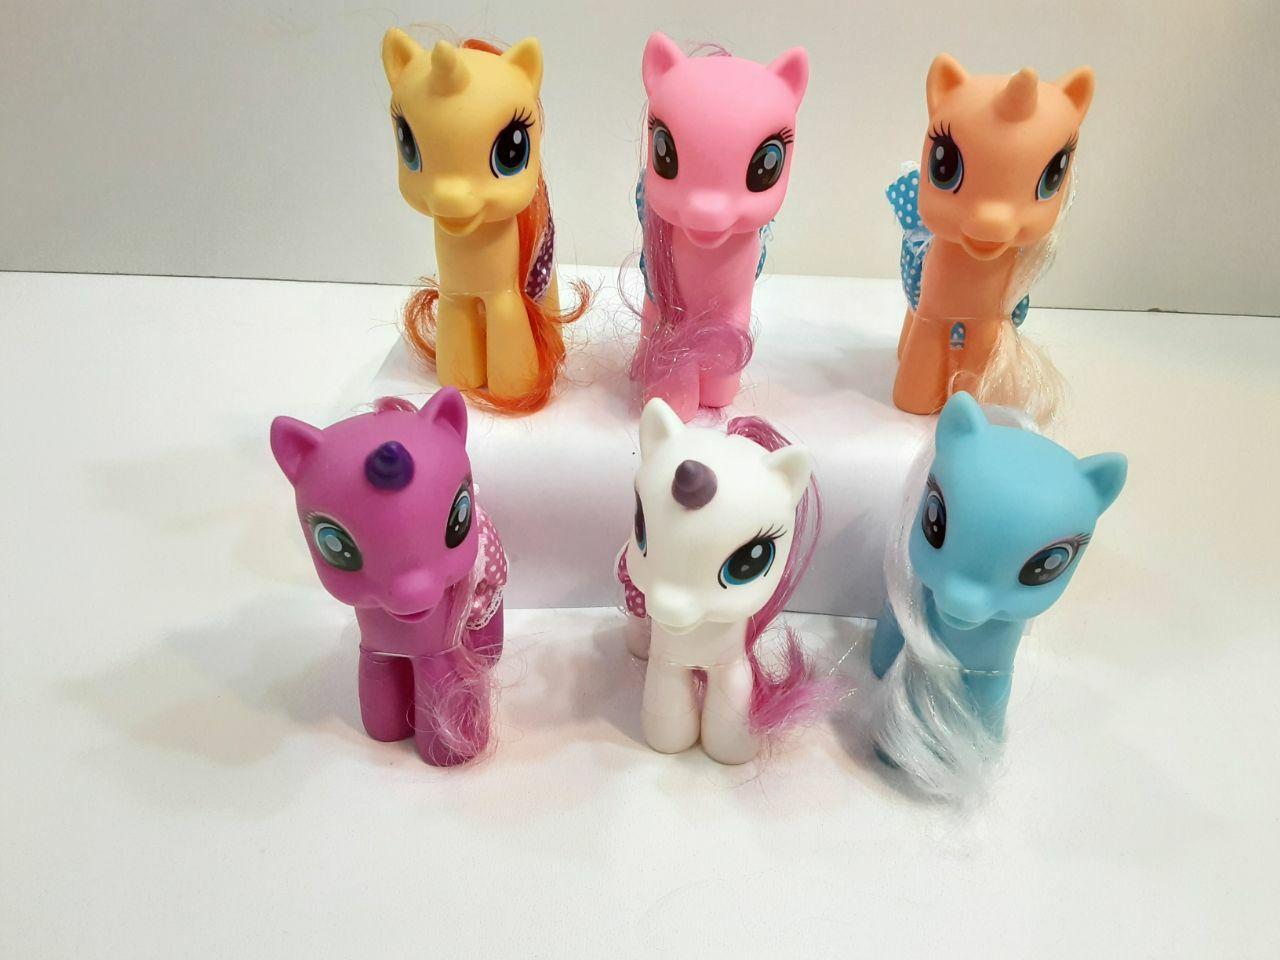 پخش عمده اسباب بازی های دخترانه عروسک پونی 6 تایی